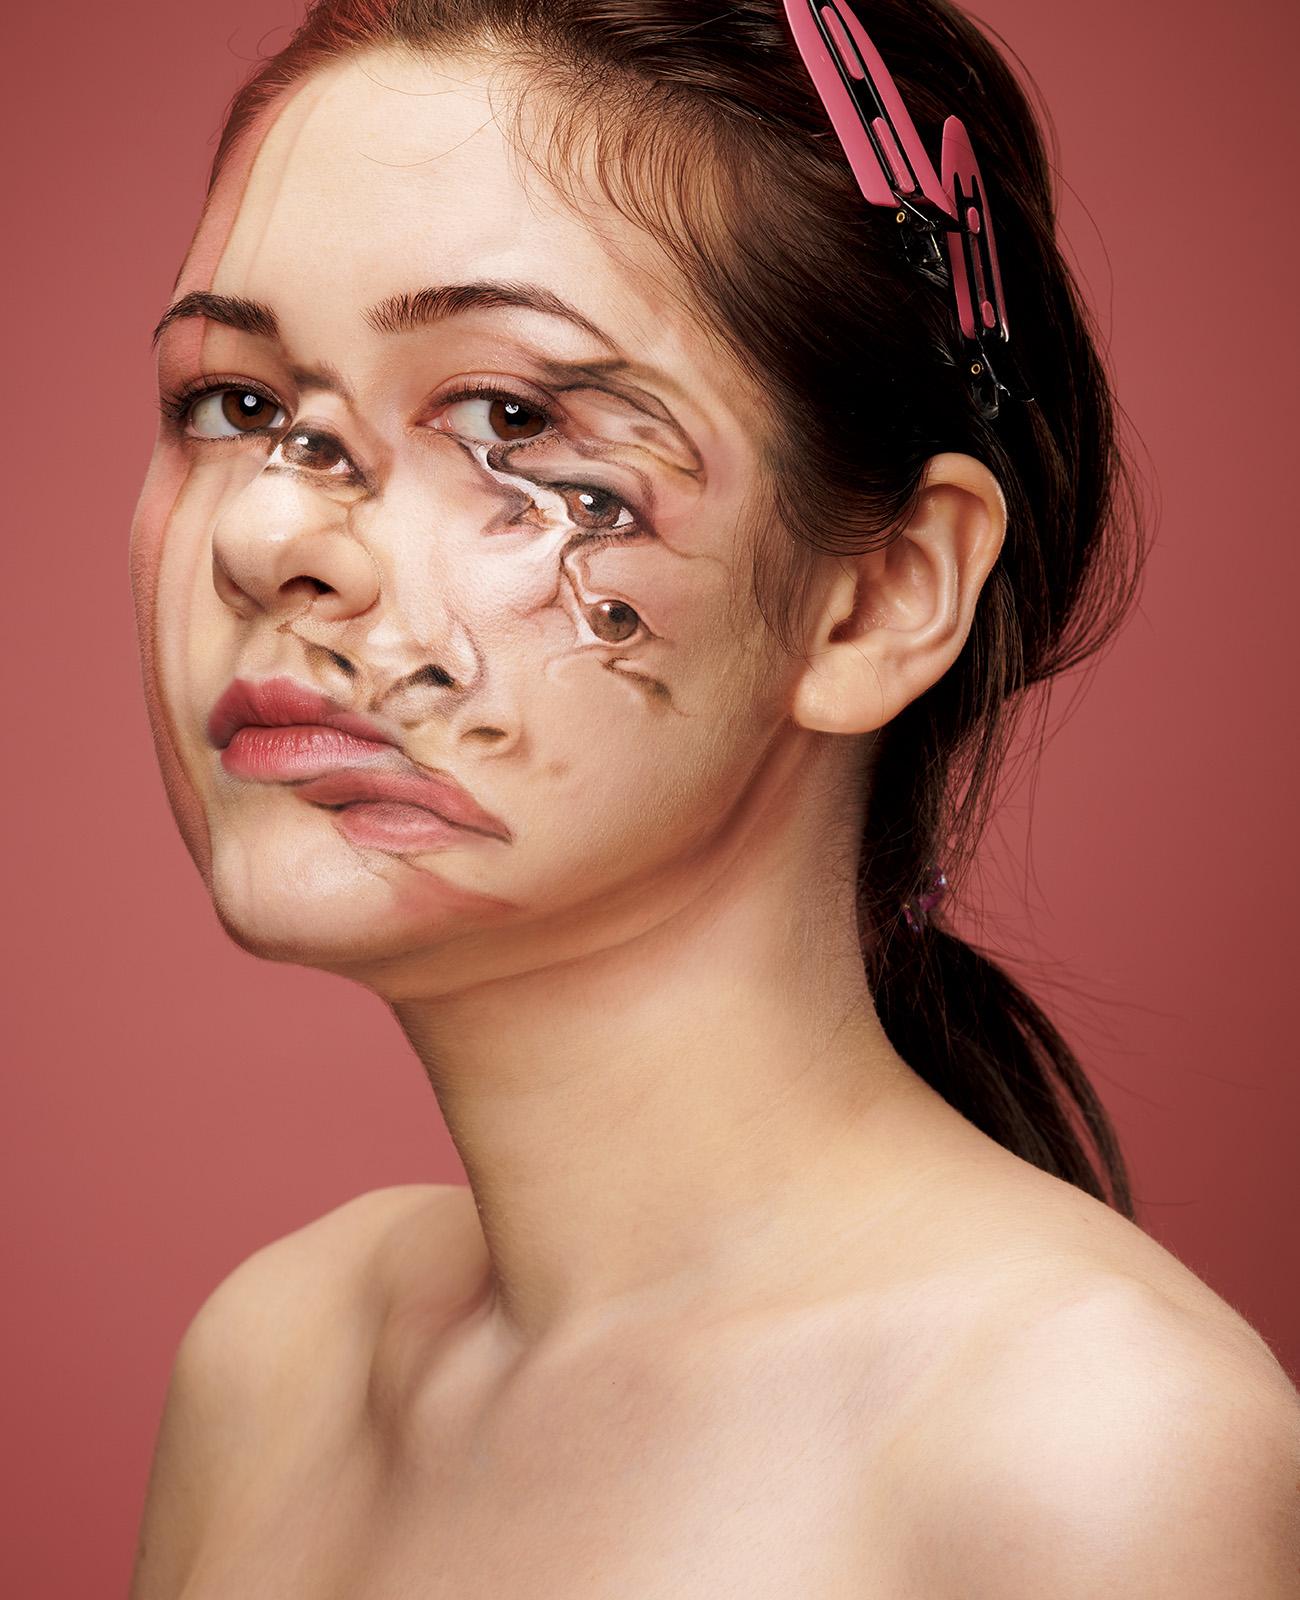 顔が溶けているように見えるトリックアート作品。